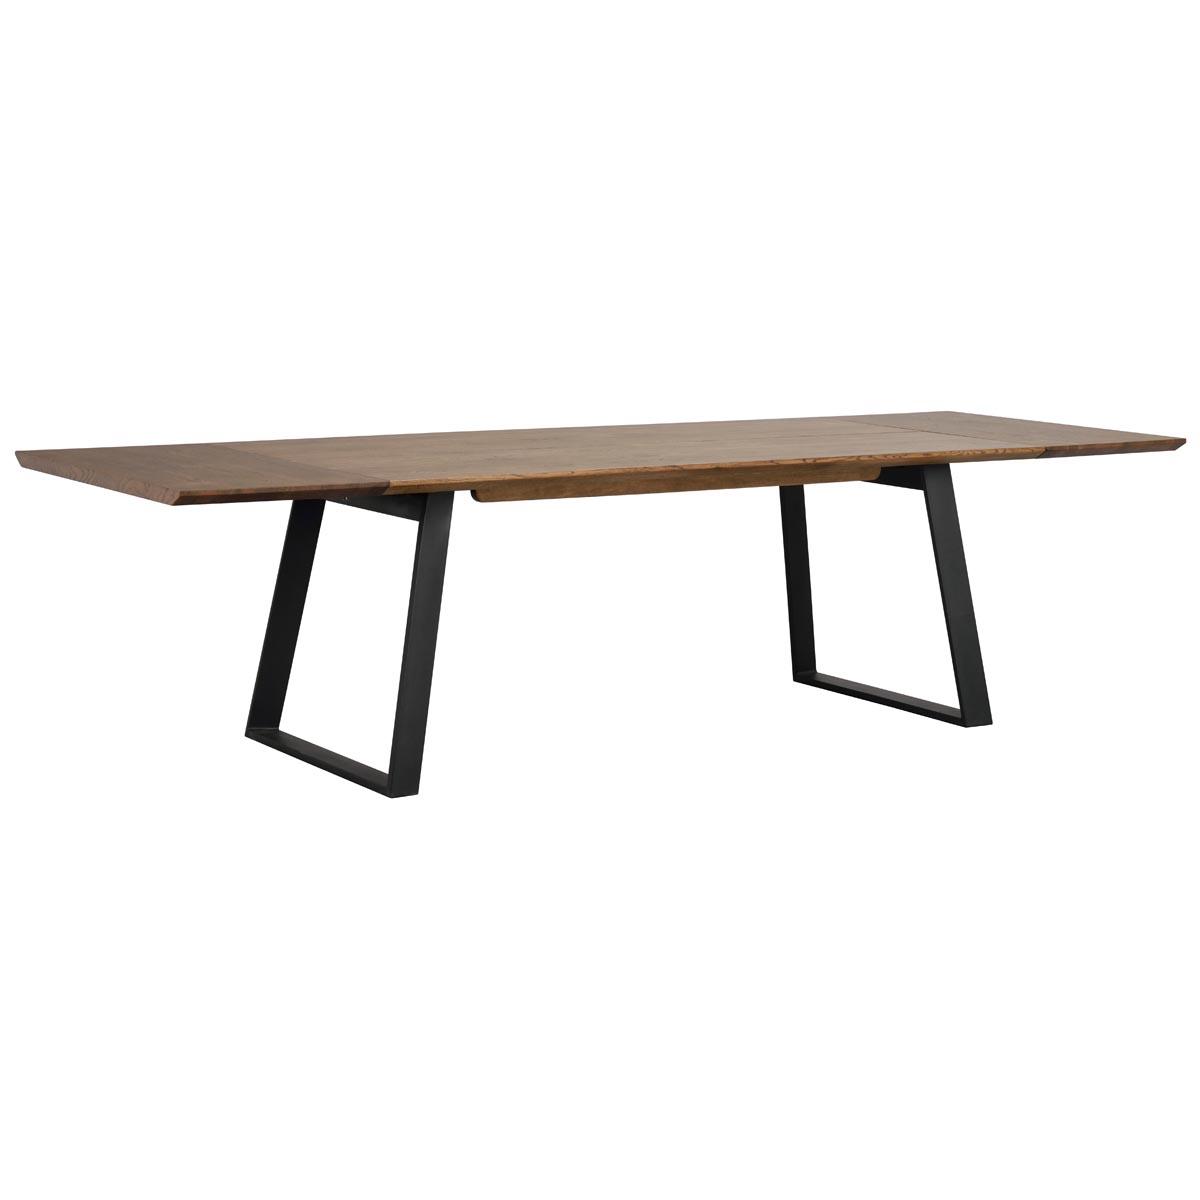 Melville-matbord-brunbets-vildek-119374_tillaggsskivor